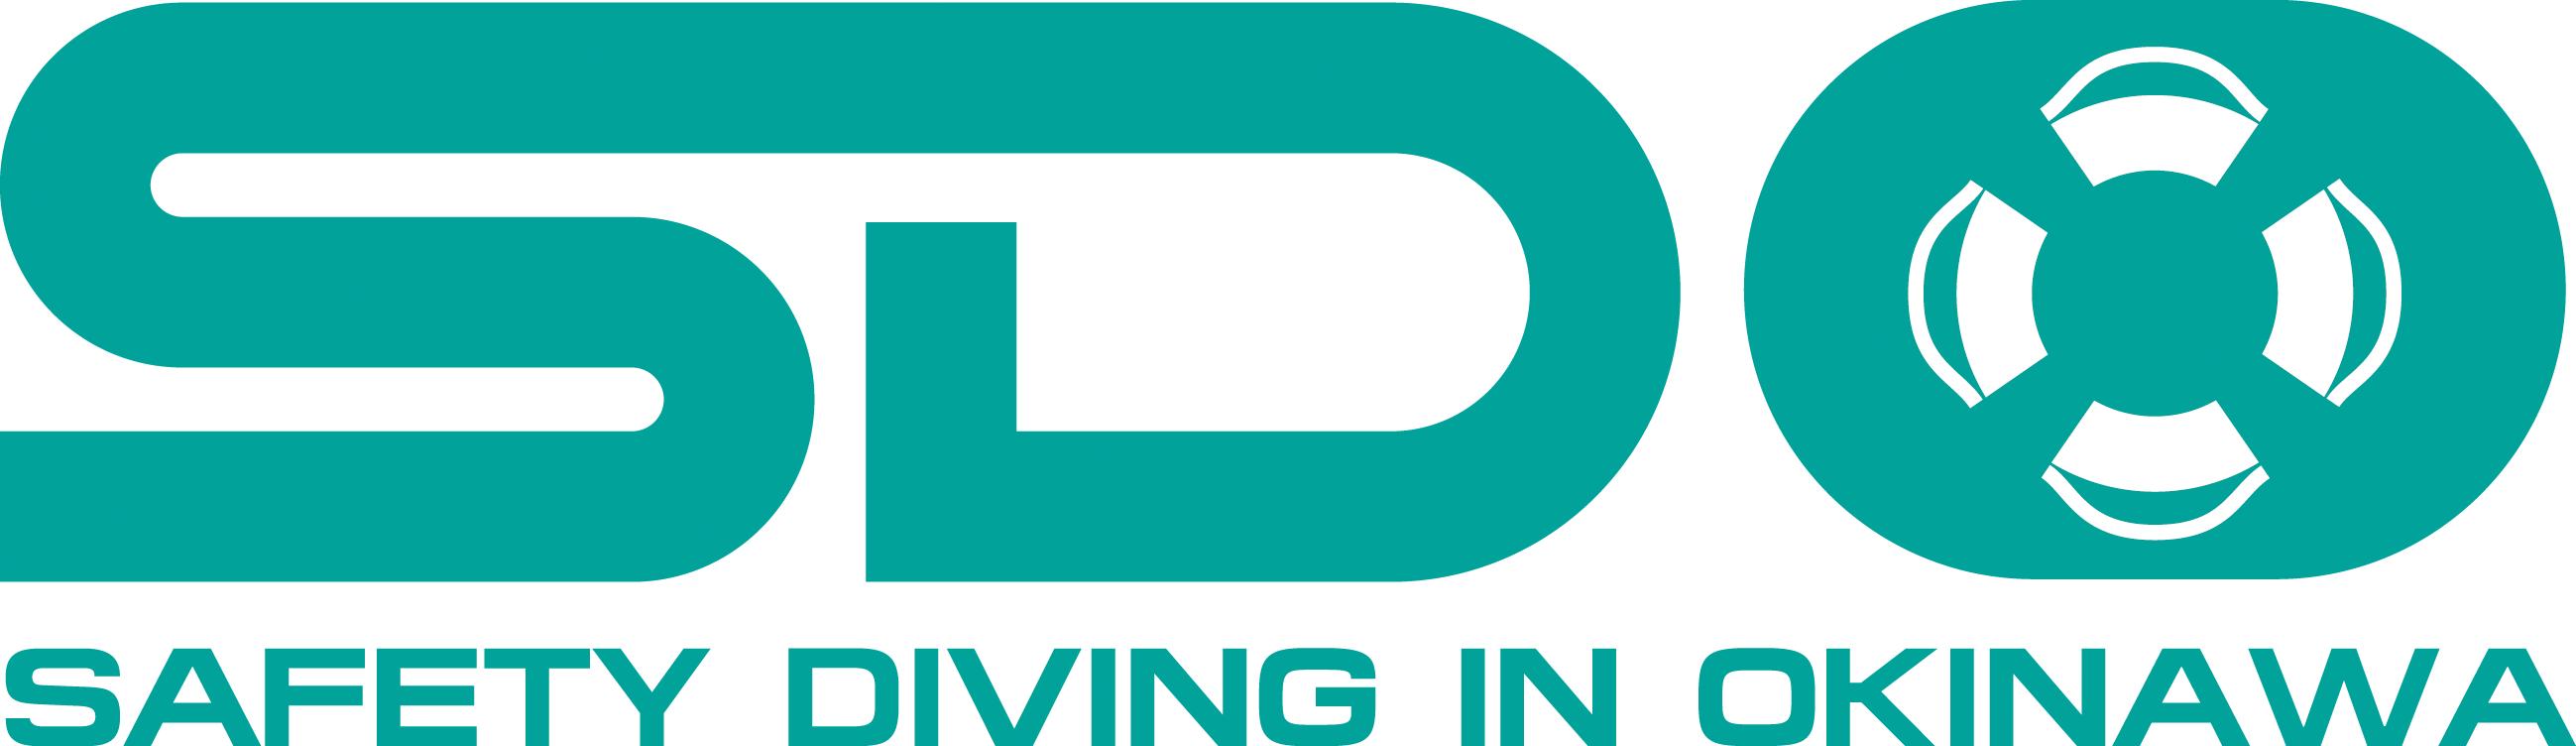 信頼のおける沖縄のダイビングサービスの証の1つとなるSDOマーク。沖縄でダイビングを予定している人は、覚えておきたい